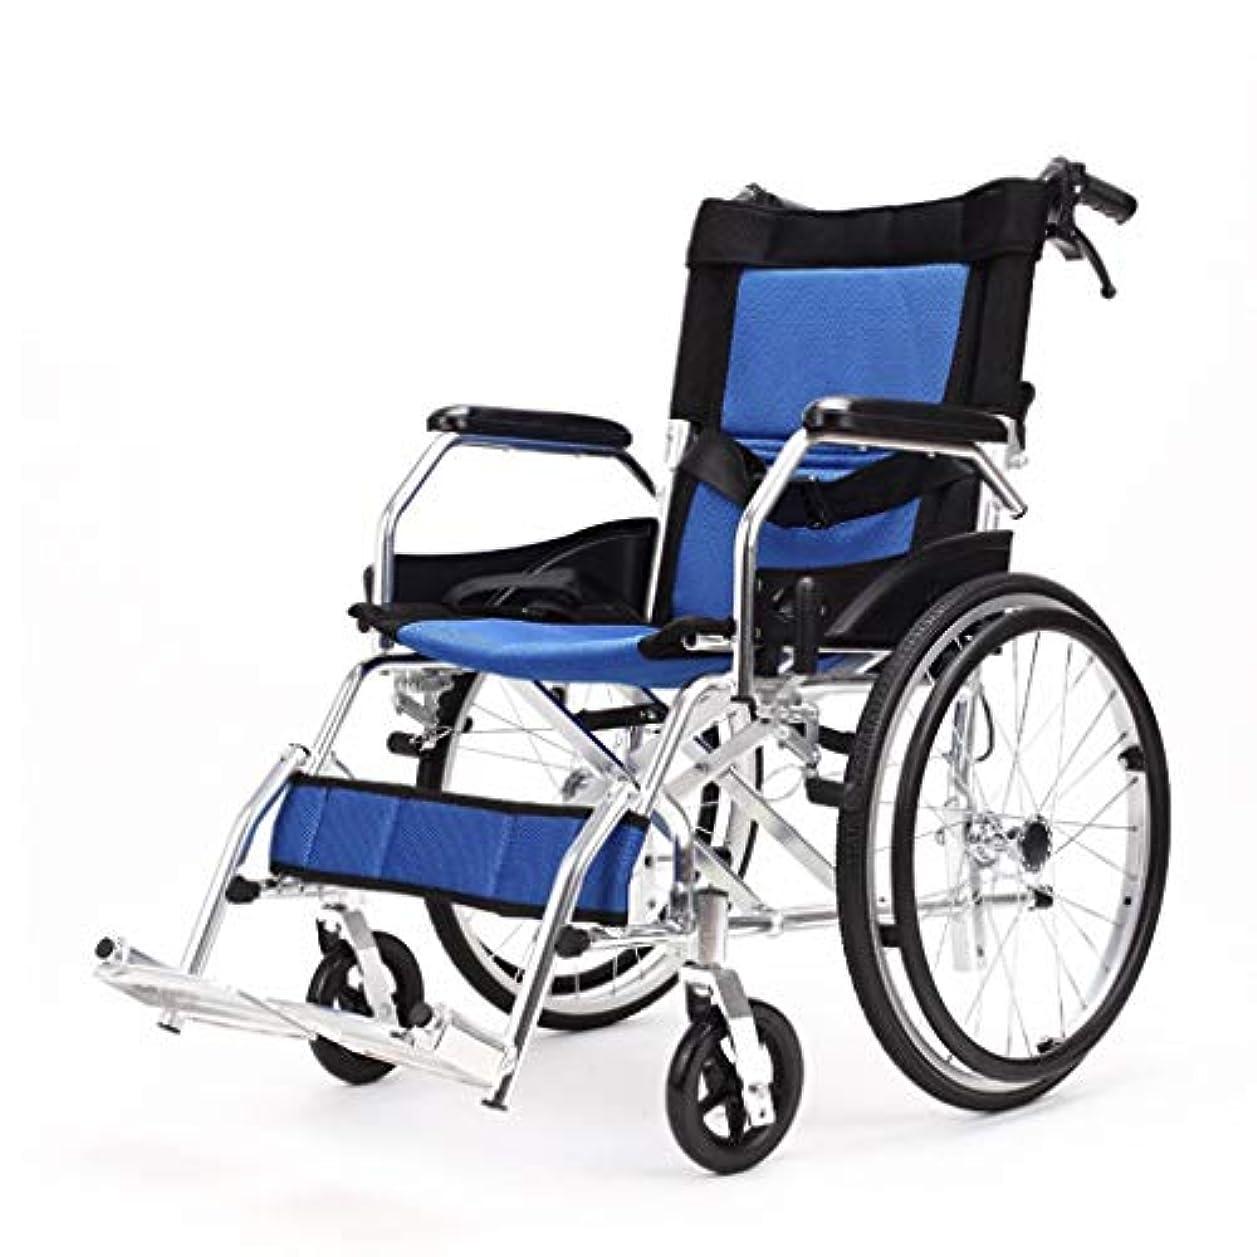 中毒出撃者むき出し手動車椅子折りたたみ式、背もたれ折りたたみ式デザイン通気性シートクッション、フットペダル調節可能車椅子